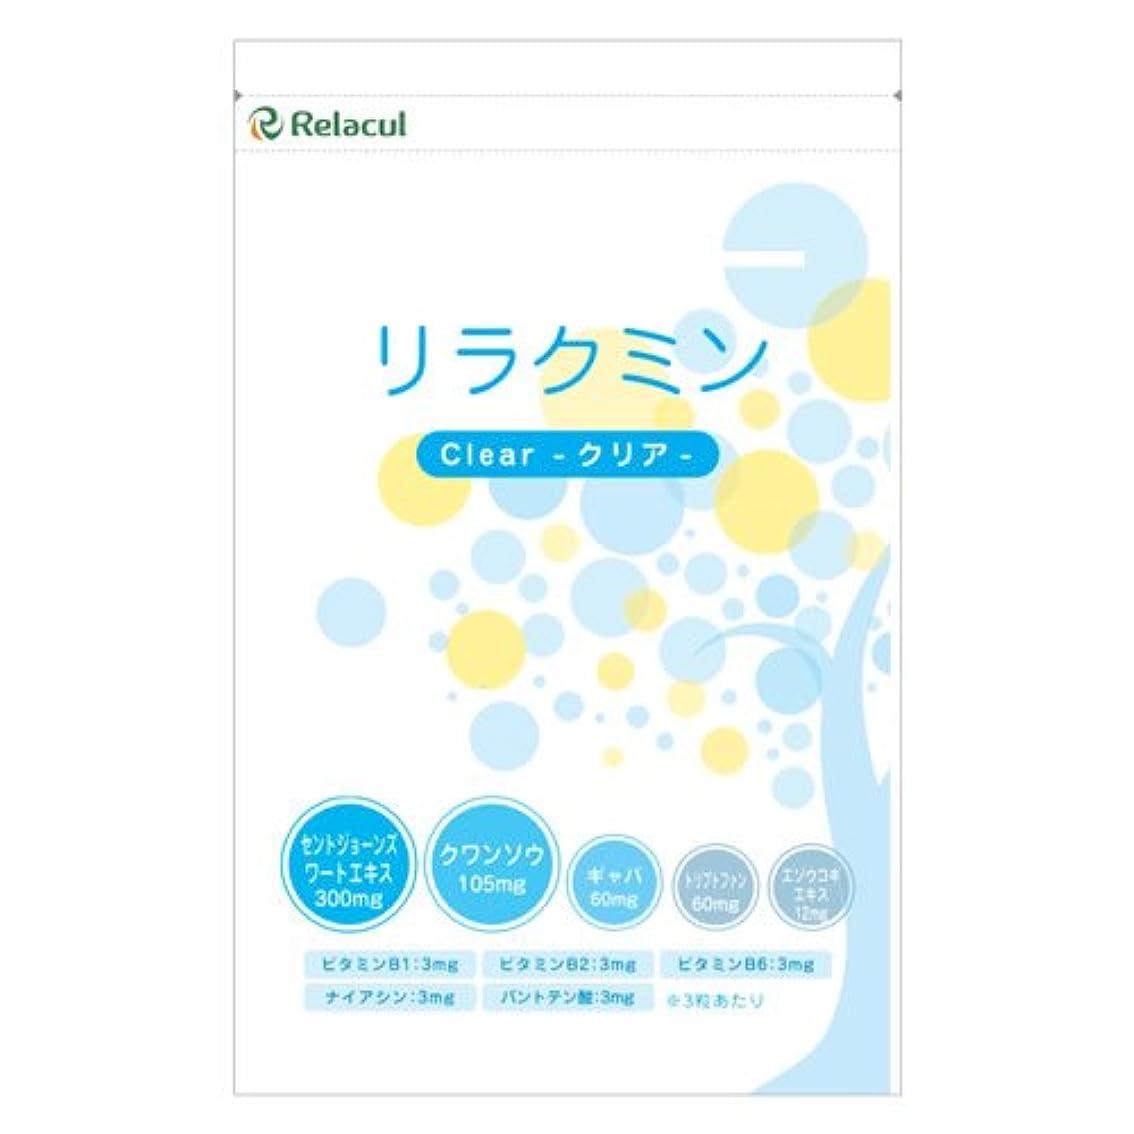 とらえどころのない感度合わせてセロトニン サプリ (日本製) ギャバ セントジョーンズワート トリプトファン エゾウコギ [リラクミンクリア 1袋] 90粒入 (約1か月分) リラクミン サプリメント